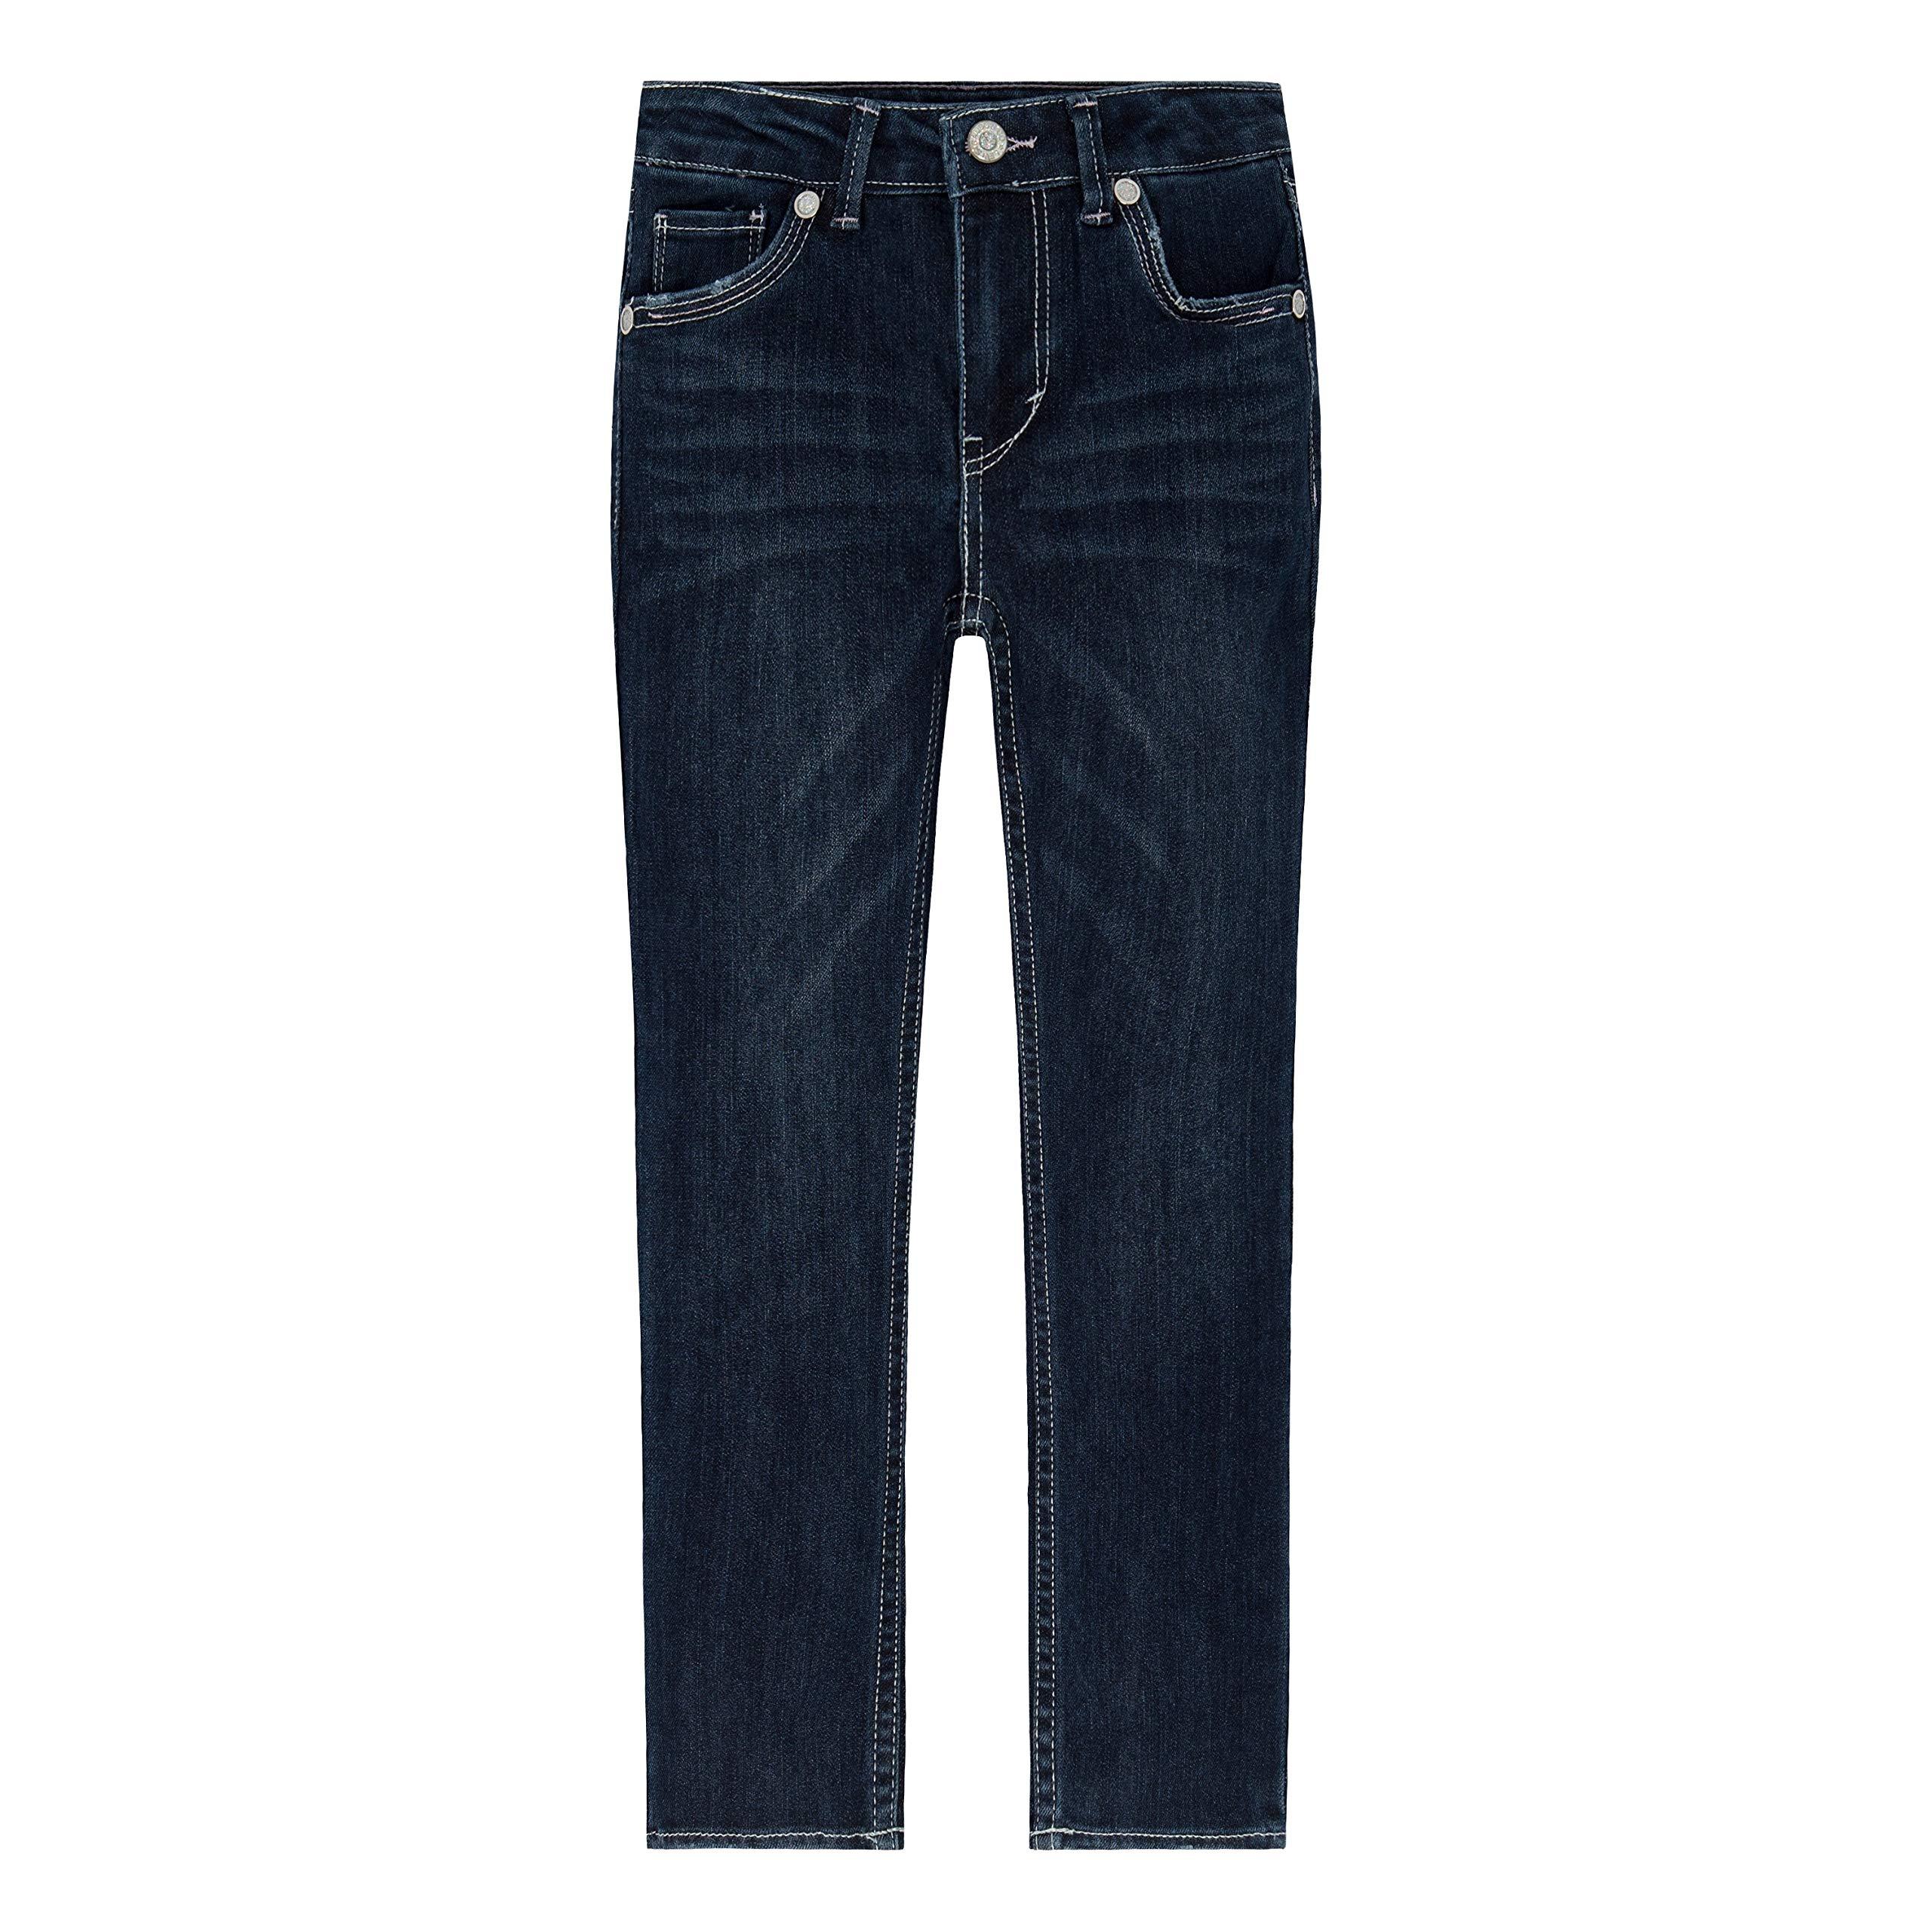 Levi's Girls' 711 Skinny Fit Jeans , Trinity, 5